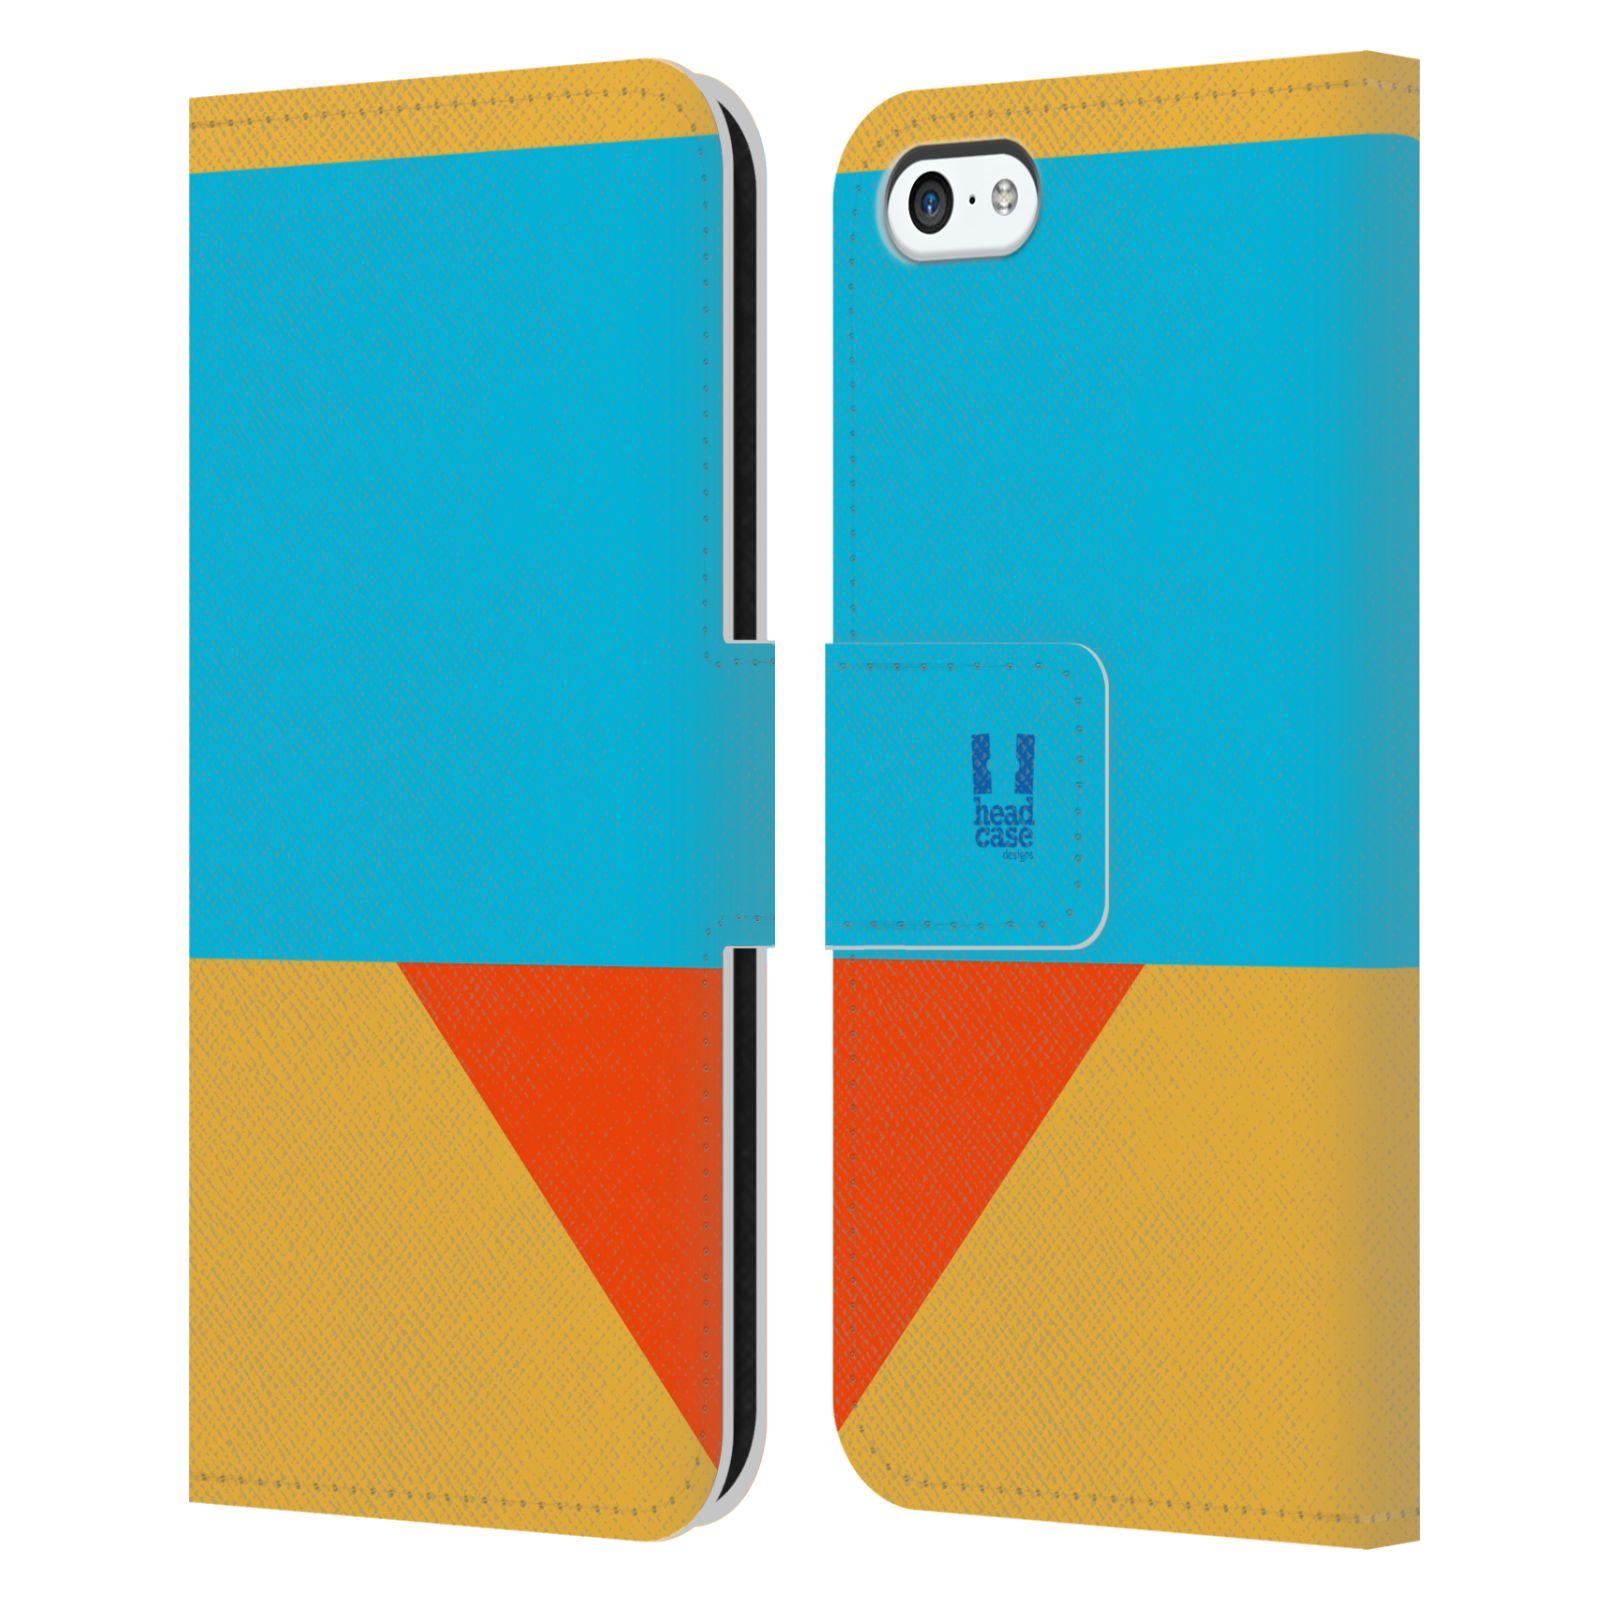 HEAD CASE Flipové pouzdro pro mobil Apple Iphone 5C barevné tvary béžová a modrá DAY WEAR